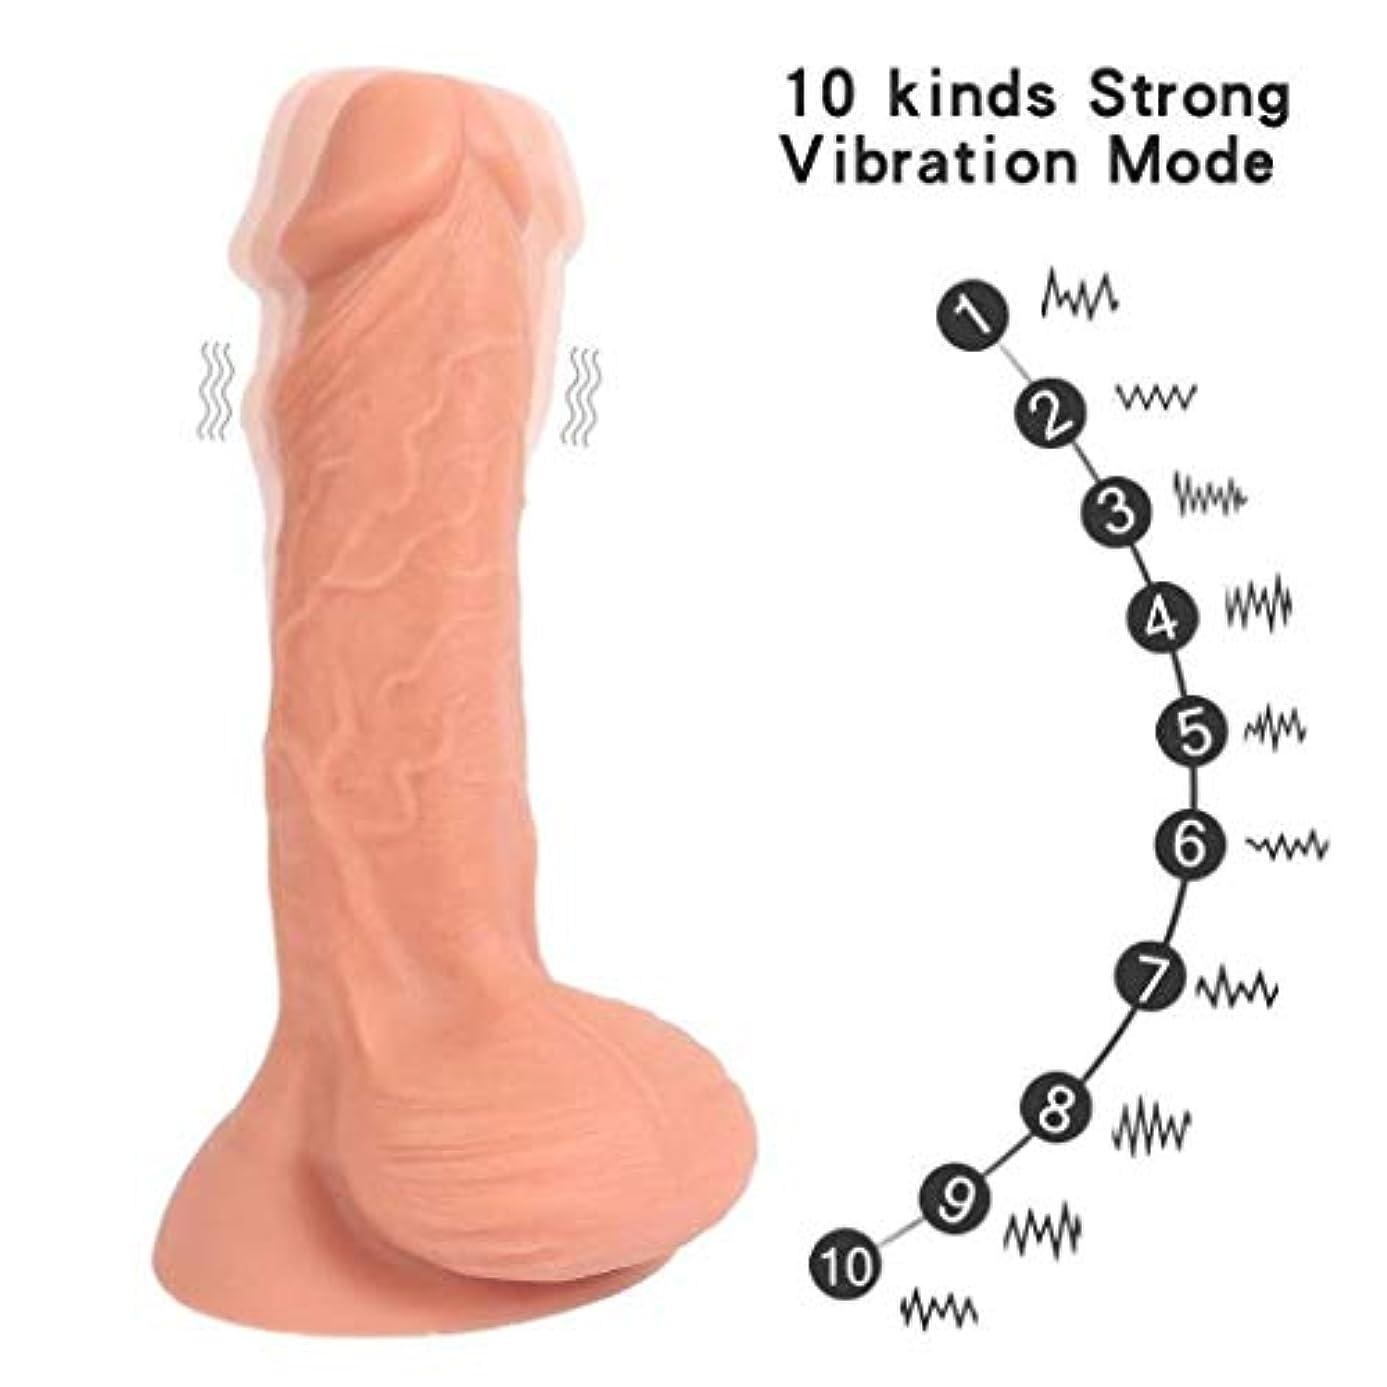 活性化好む麻痺させる強力な吸盤が付いている柔らかい現実的な男性と女性のおもちゃは、 - 幸福をもたらします